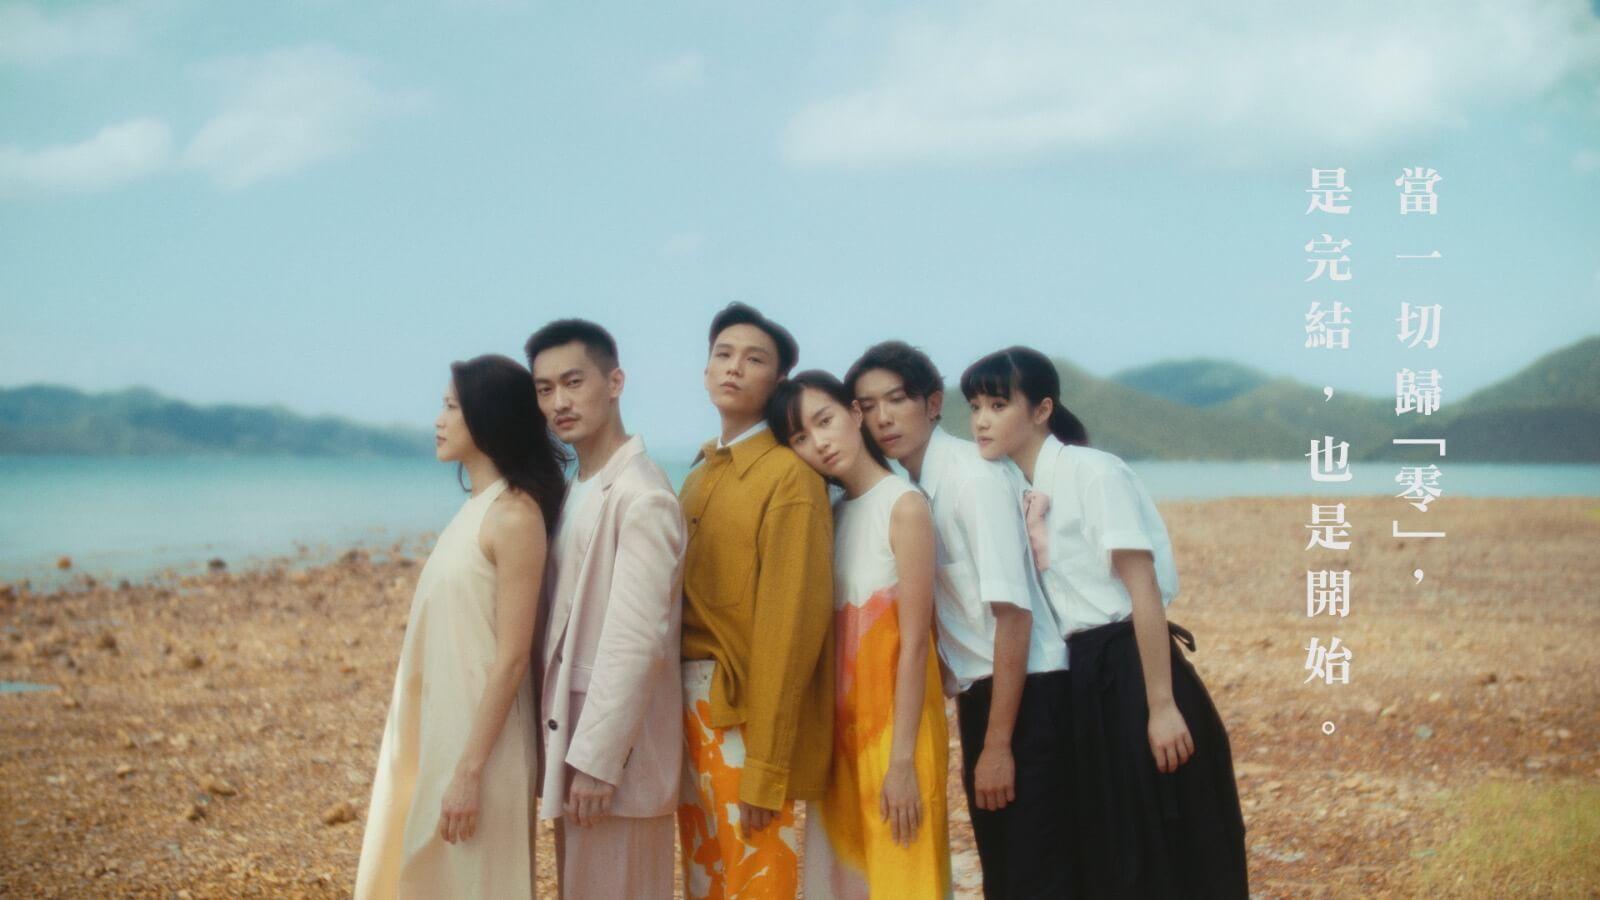 望月最新廣告劇照 // 導演之一Maggie Leung解說:「我覺得這個廣告是特別為我們這一代而設。由選角以至營造出的青春感,都希望當下一代年輕人能感受。在團隊設計配樂的時候,已經特別有與香港人同呼同吸的感覺。我們一直在經歷不同的距離,而廣告畫面亦不全然正面,卻是在與觀眾一起回望不愉快或有距離的事。最後以正面訊息收結:哪怕世界有距離。我們依然希望彼此走近,一起跨過難受而苦澀的距離,共赴同路人之約。」